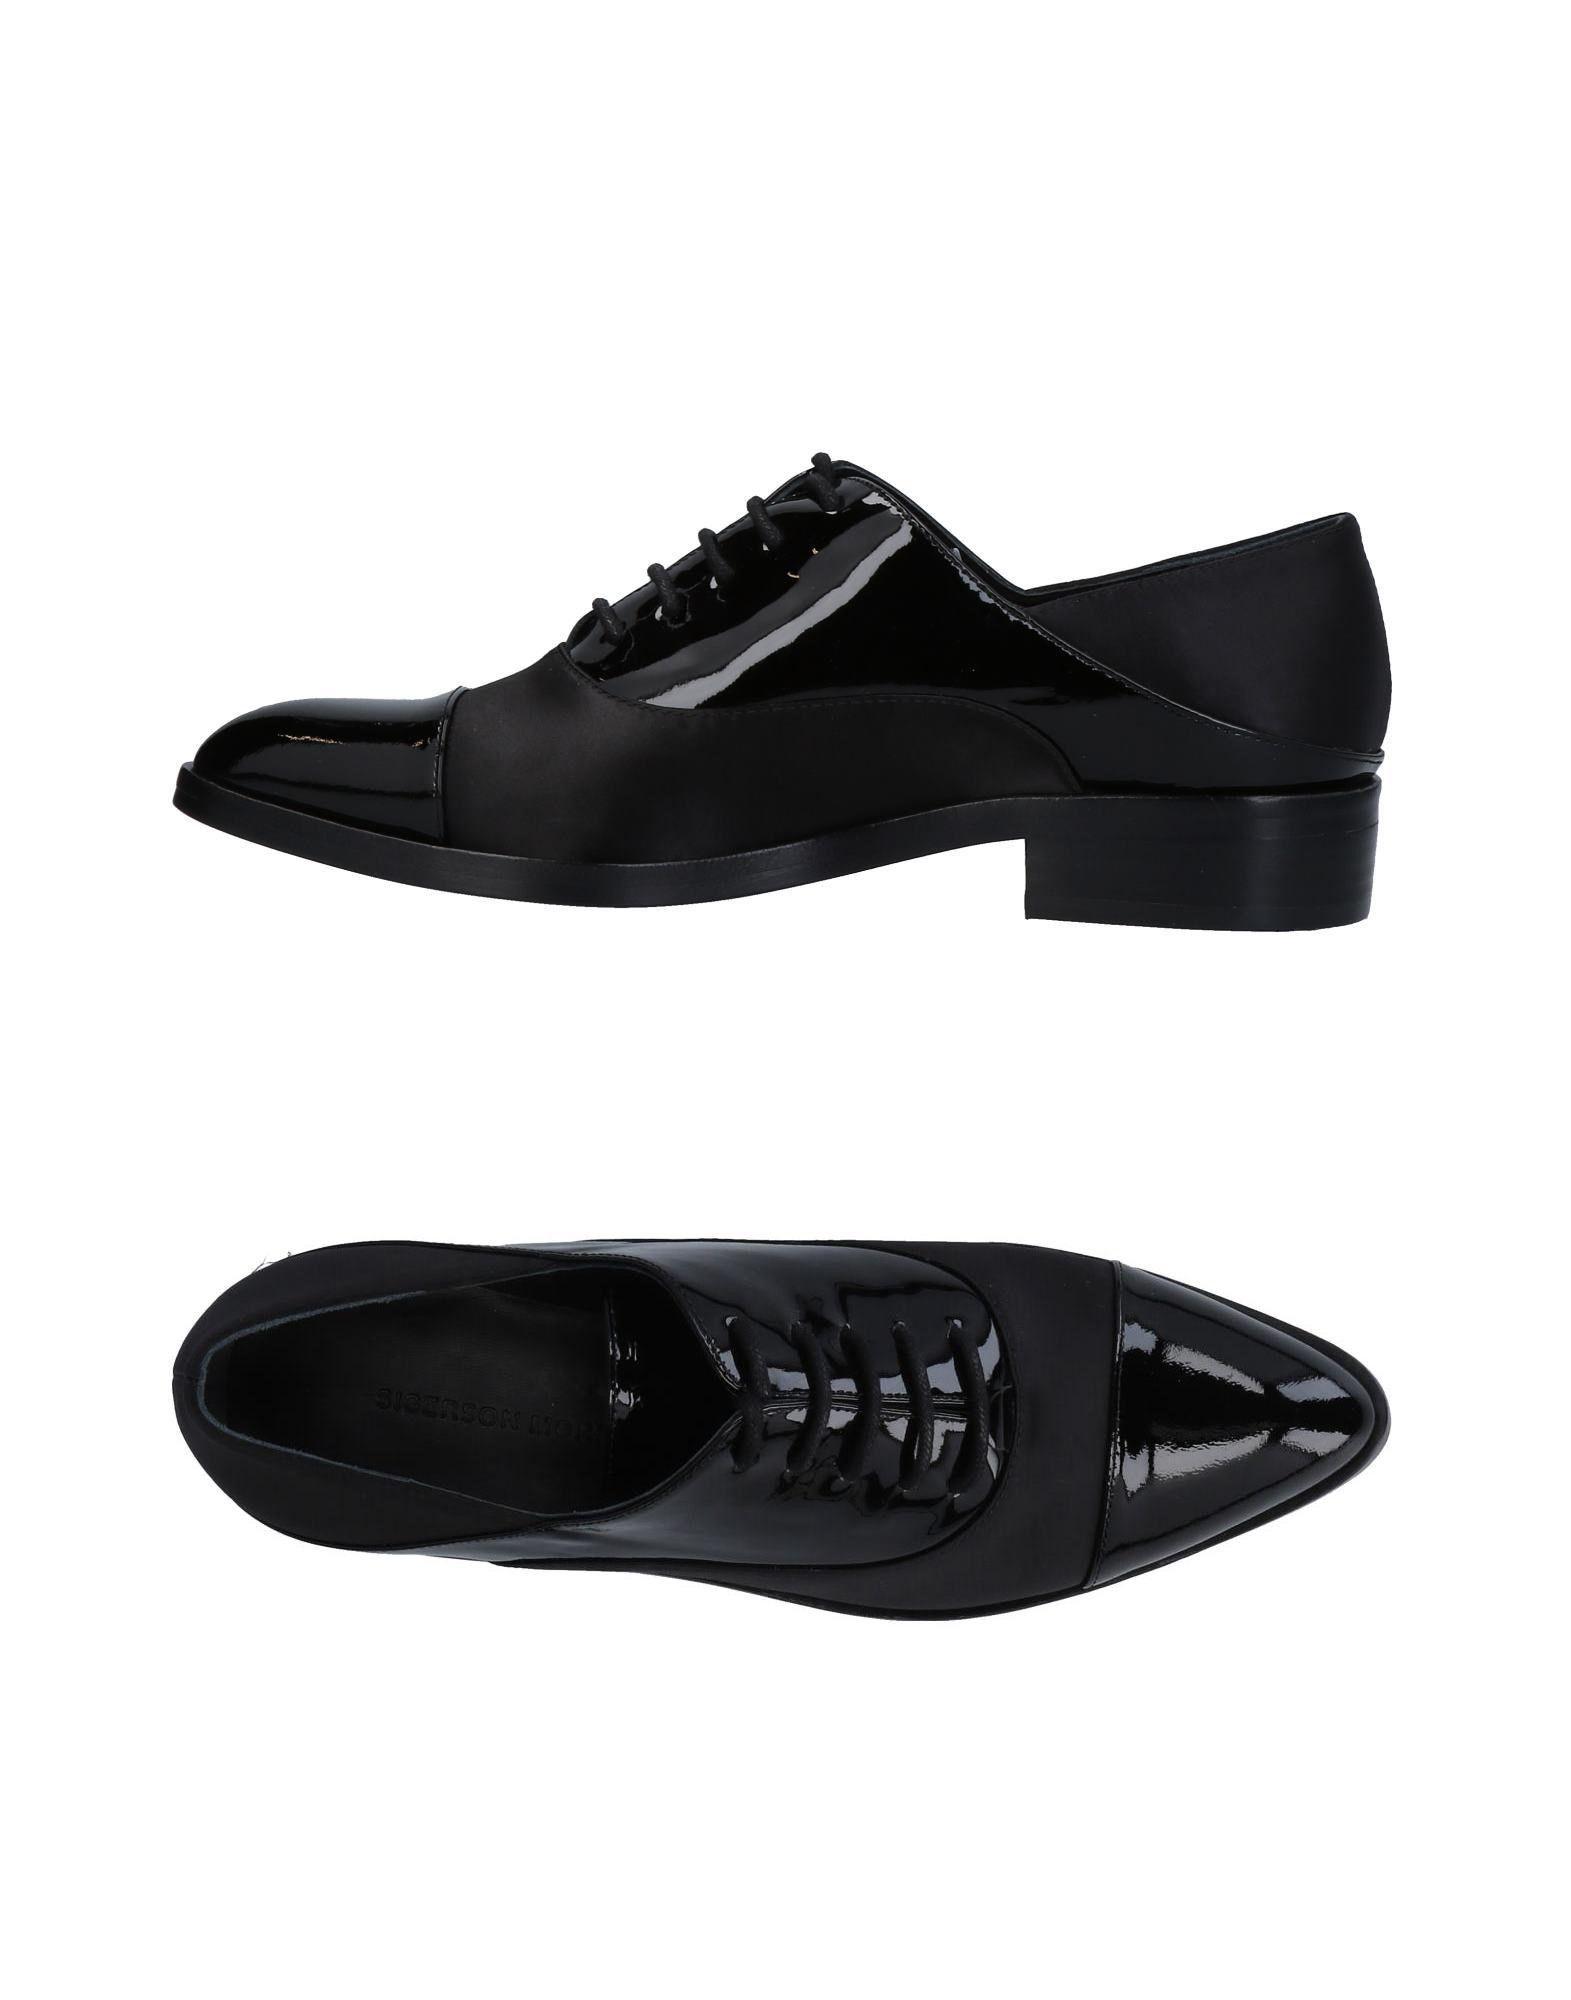 Ballerine Moschino Donna - 11284384LG Scarpe economiche e buone